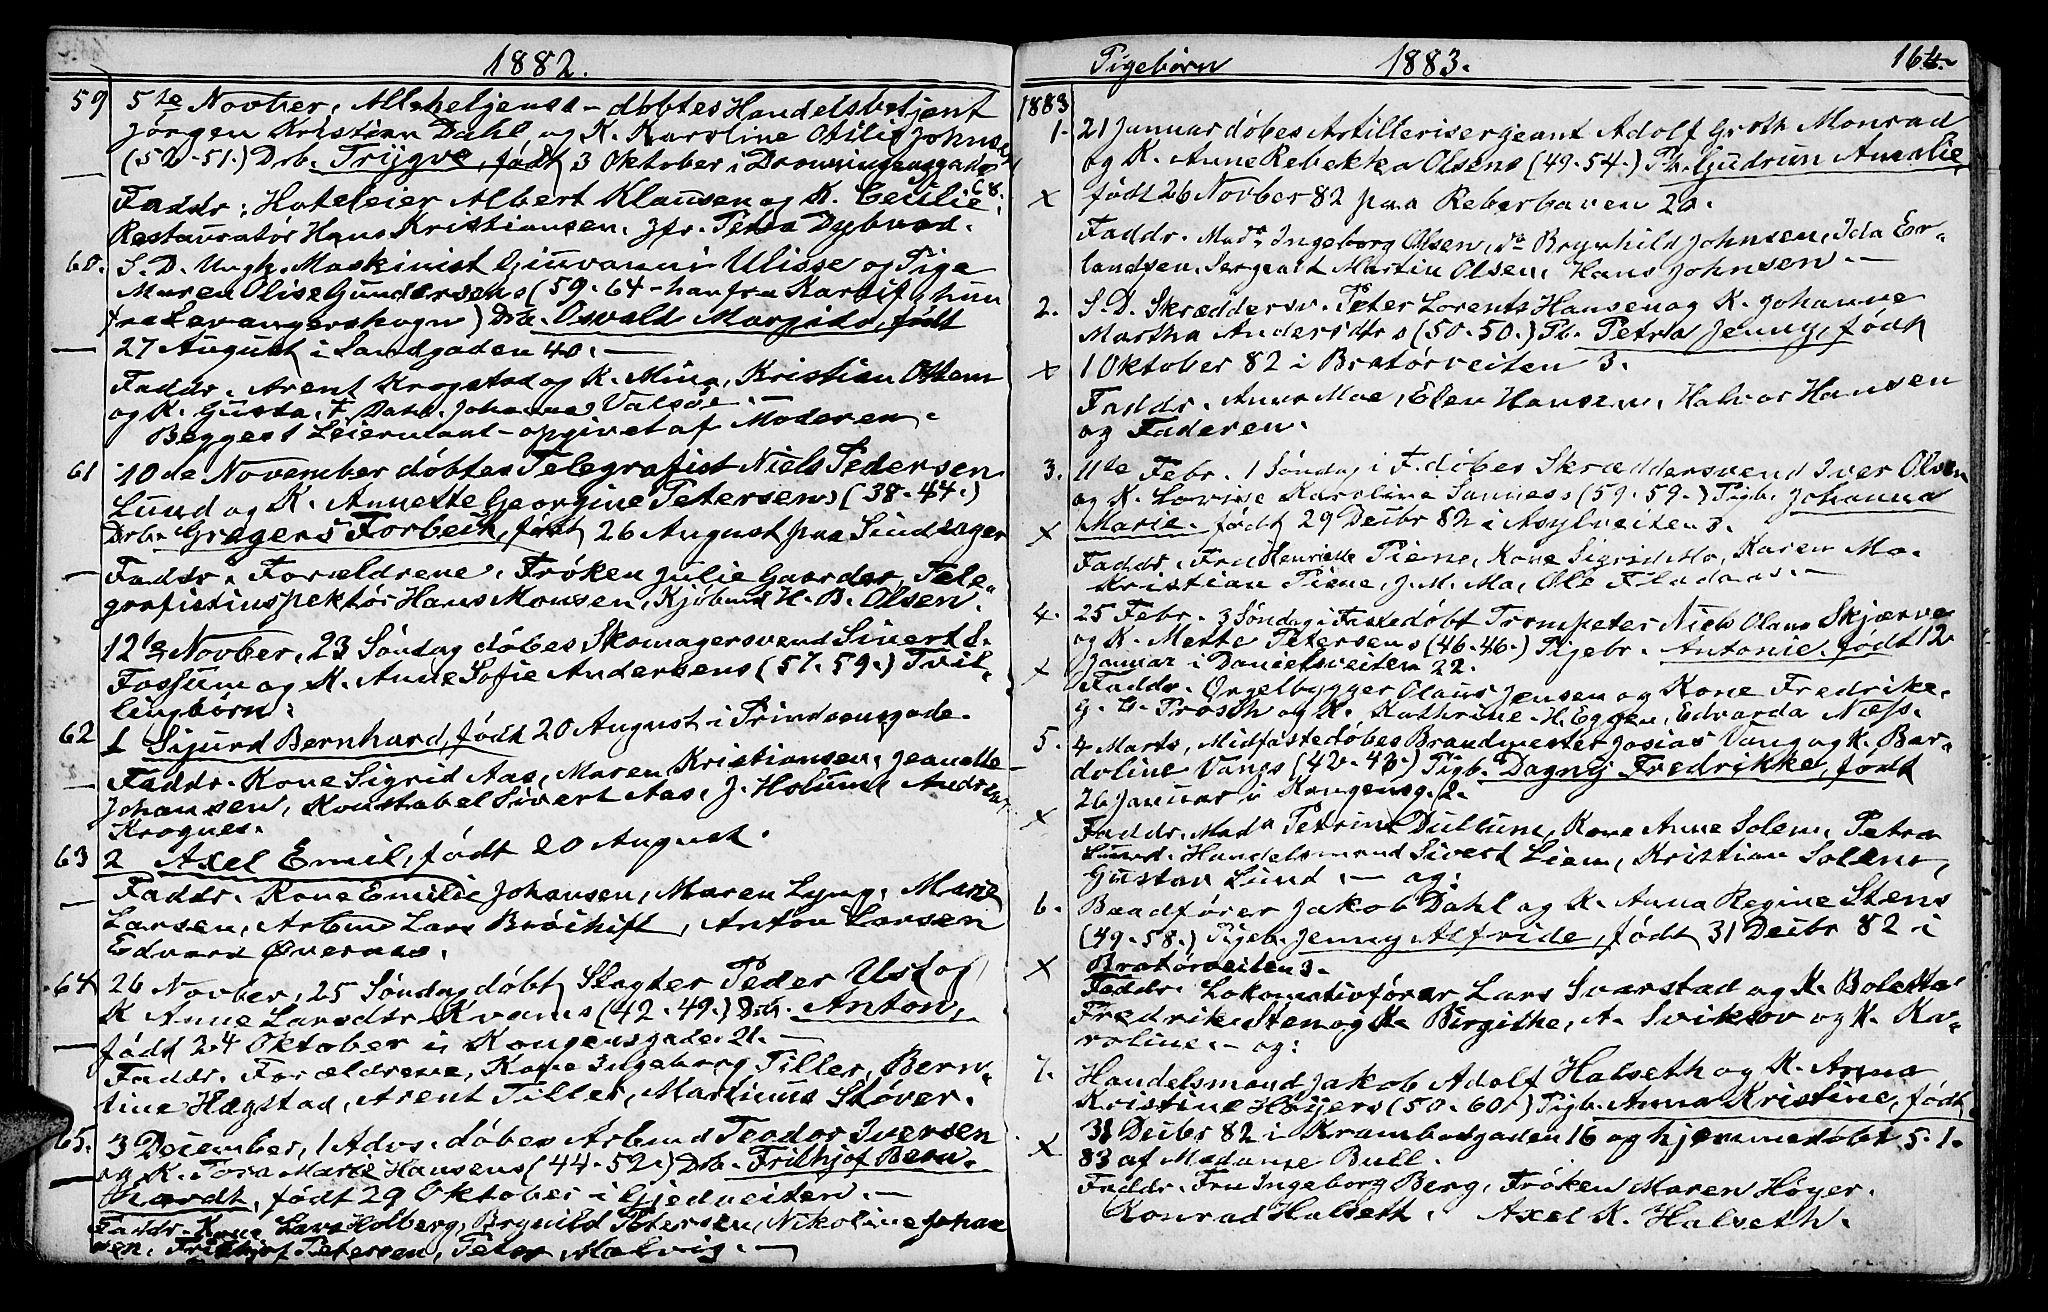 SAT, Ministerialprotokoller, klokkerbøker og fødselsregistre - Sør-Trøndelag, 602/L0142: Klokkerbok nr. 602C10, 1872-1894, s. 164